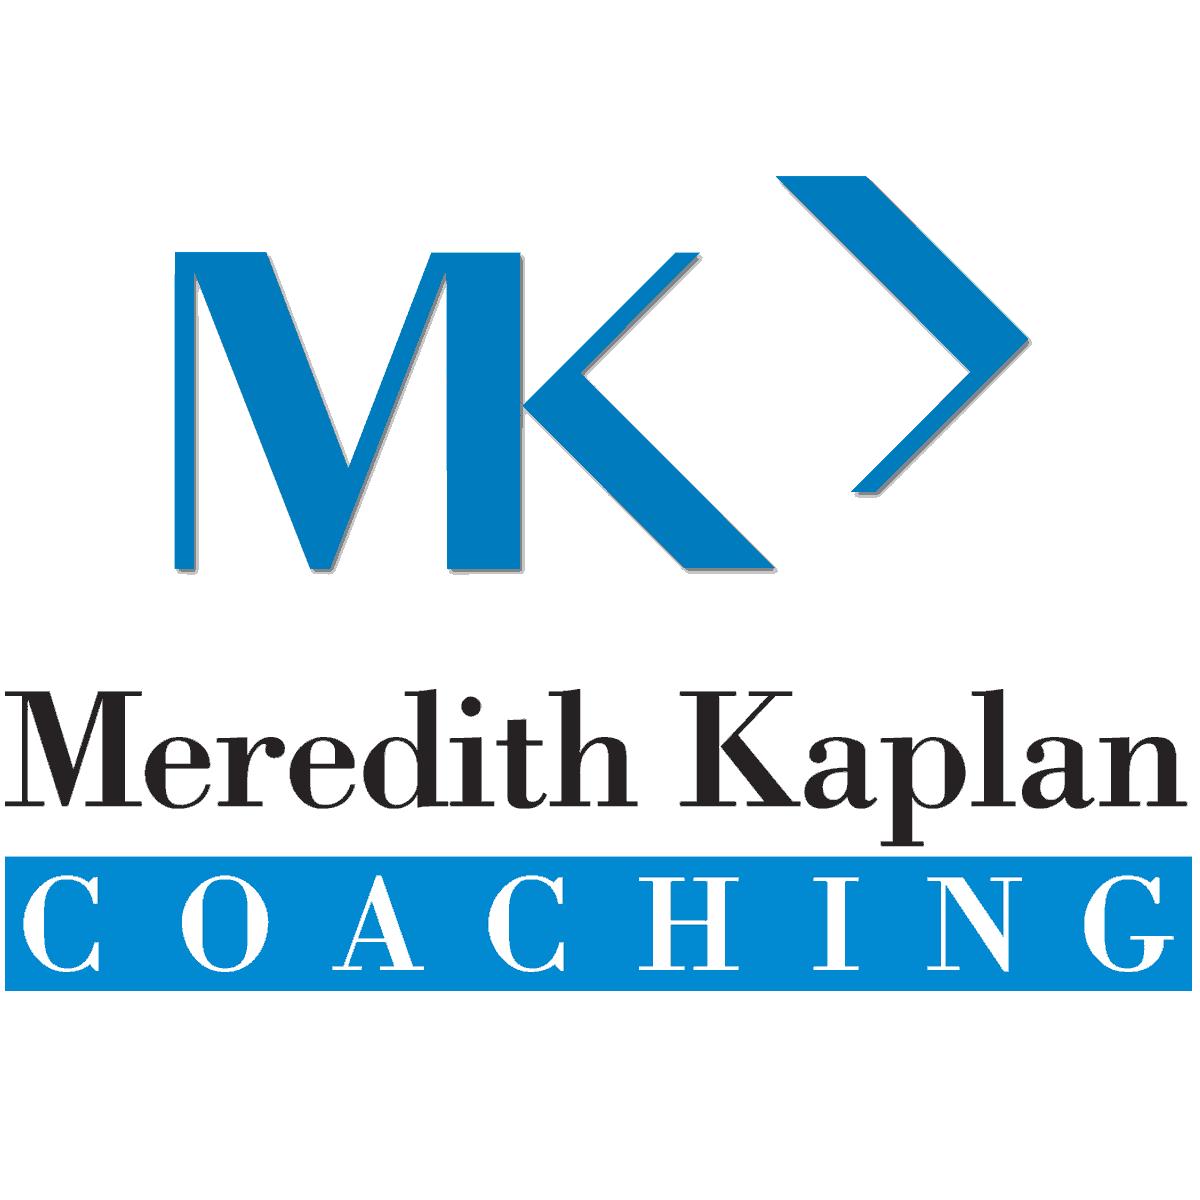 meredity-kaplan-coaching